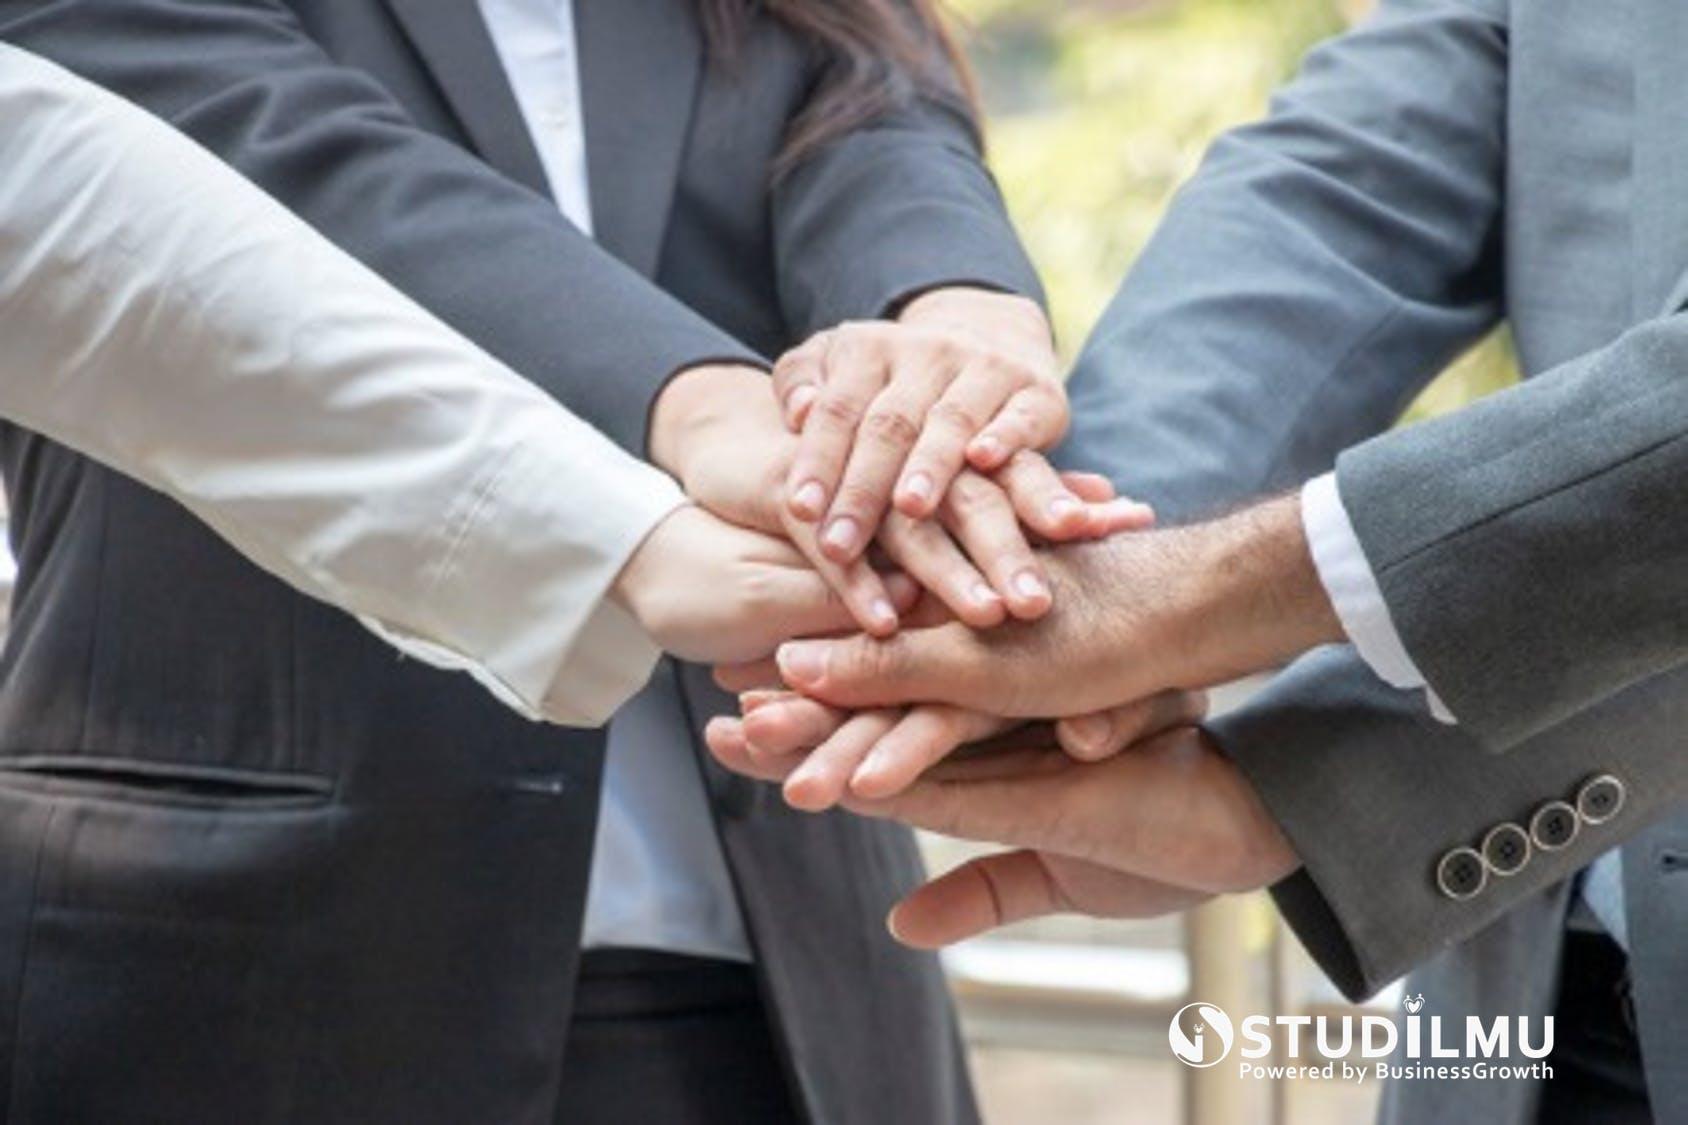 STUDILMU Career Advice - Budaya Kerja dan 3 Cara Mendemonstrasikannya